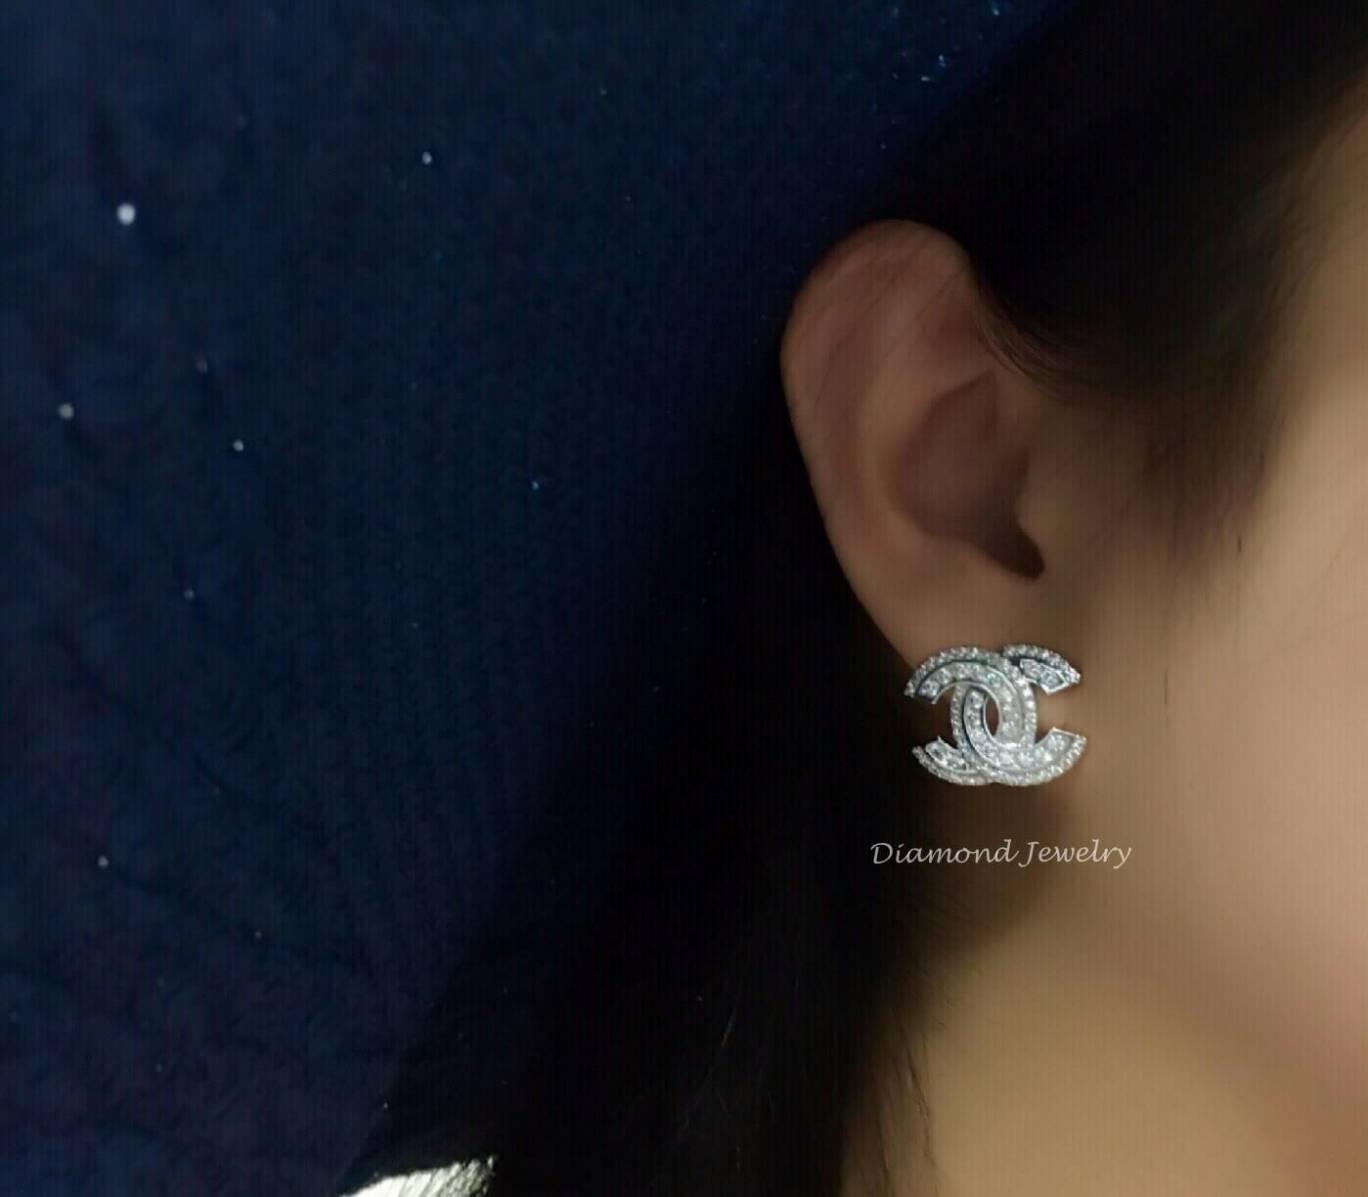 พร้อมส่งChanel Earring ต่างหูชาแนลเพชรเกรด 6A